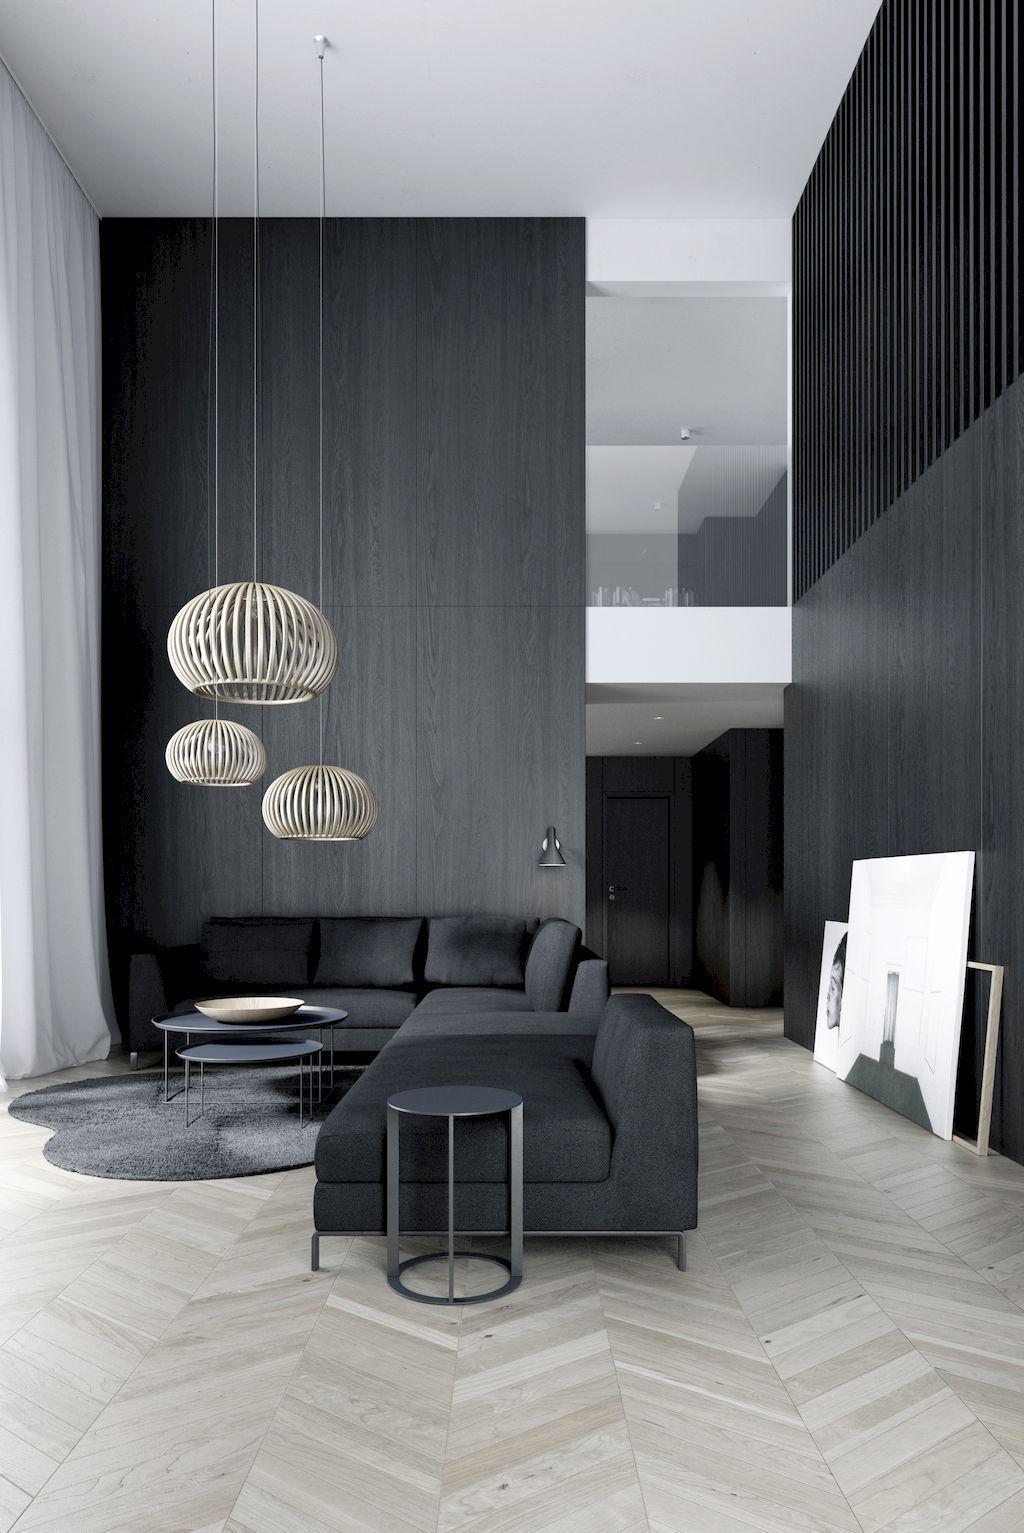 55 Minimalist Living Room Ideas 5baca90d20984 Minimalism